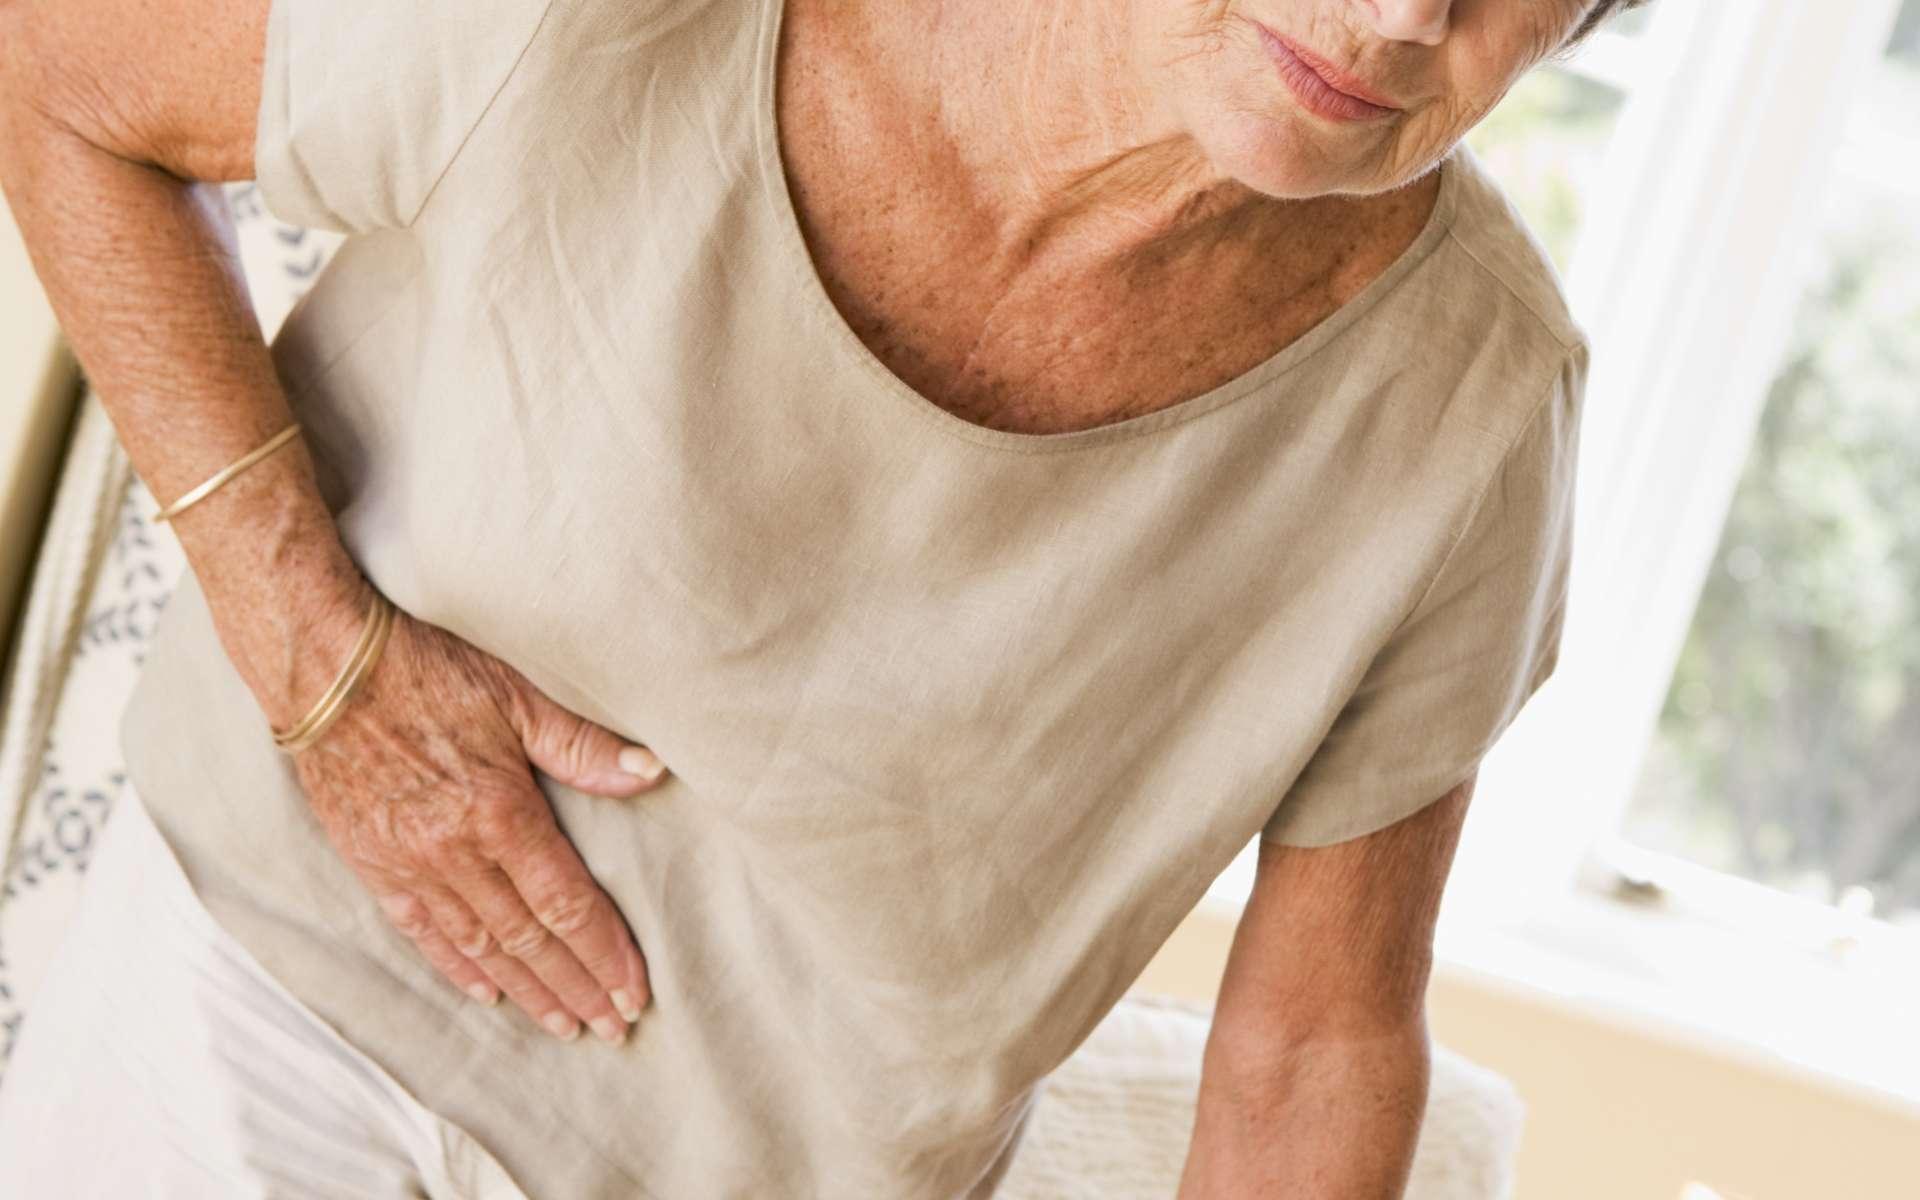 Les antihistaminiques H2, à utiliser en cas d'ulcère de l'estomac ou du duodénum. © Phovoir